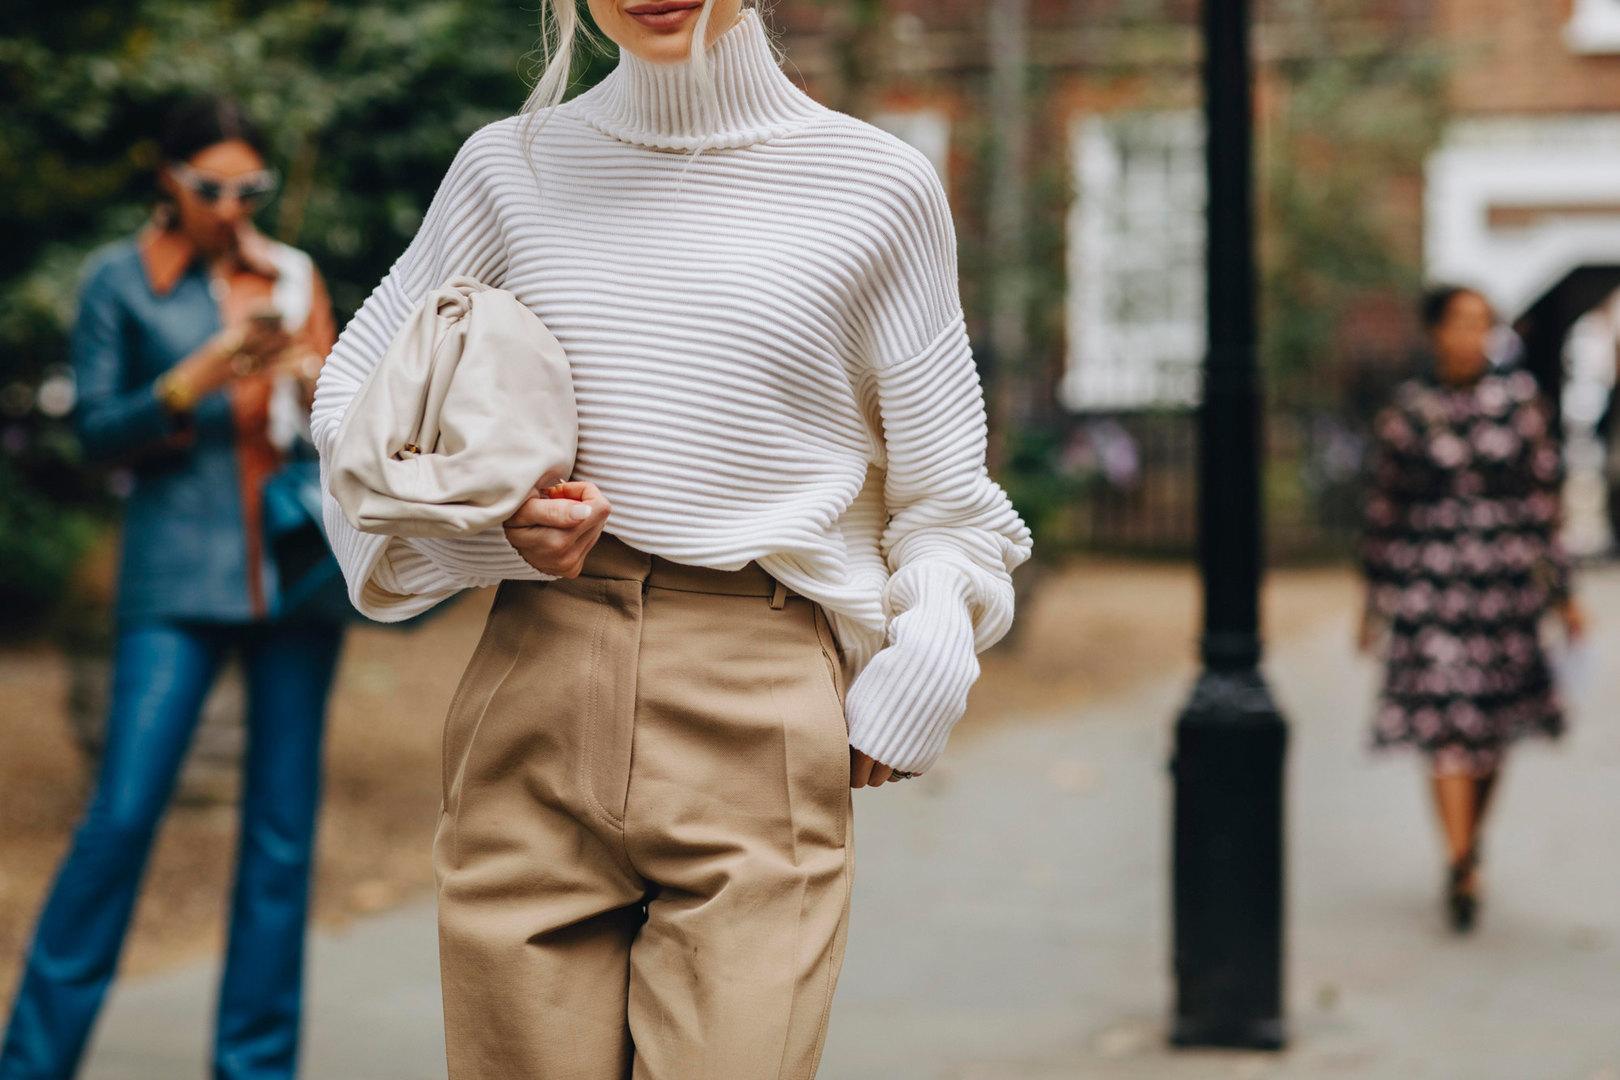 Девушка вобъемном свитере ибрюках